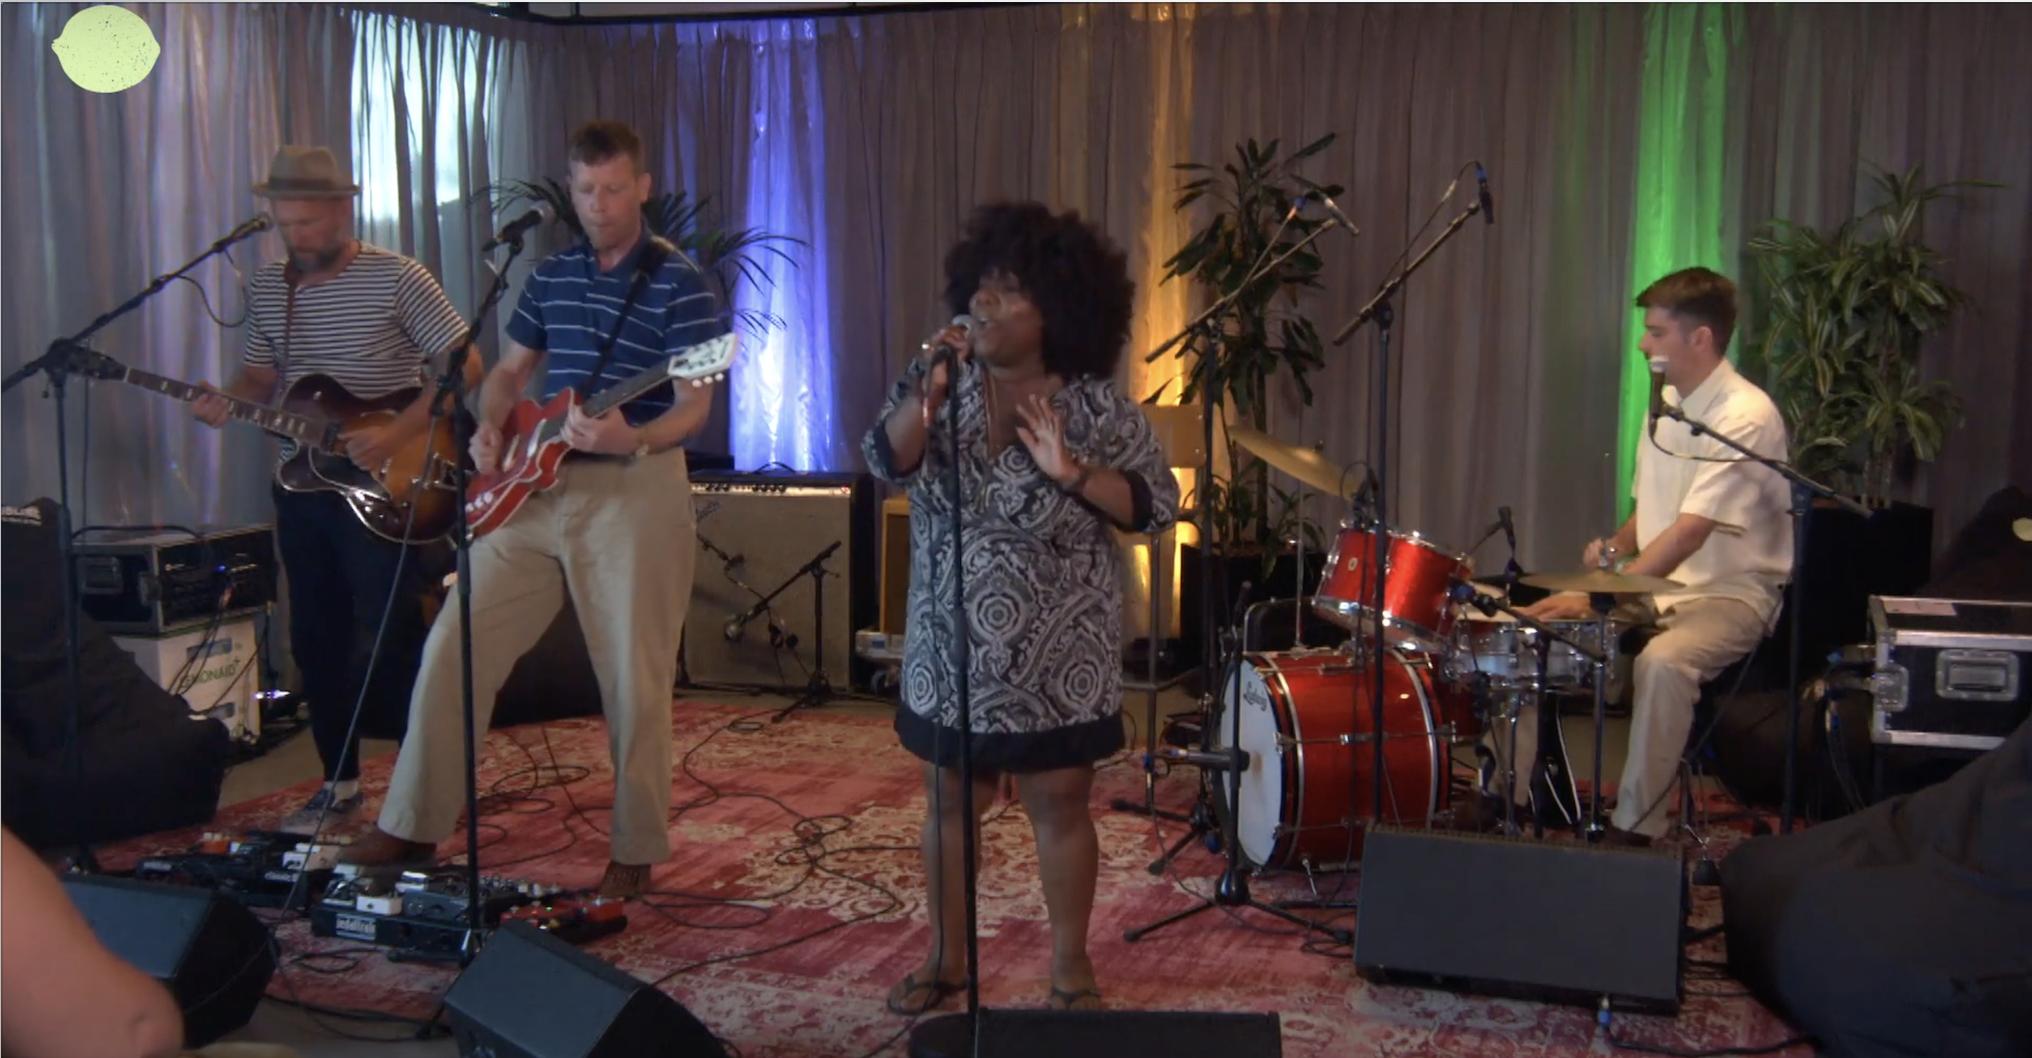 Kijk hier de geweldige optredens van de Sublime Summertime Sessions terug